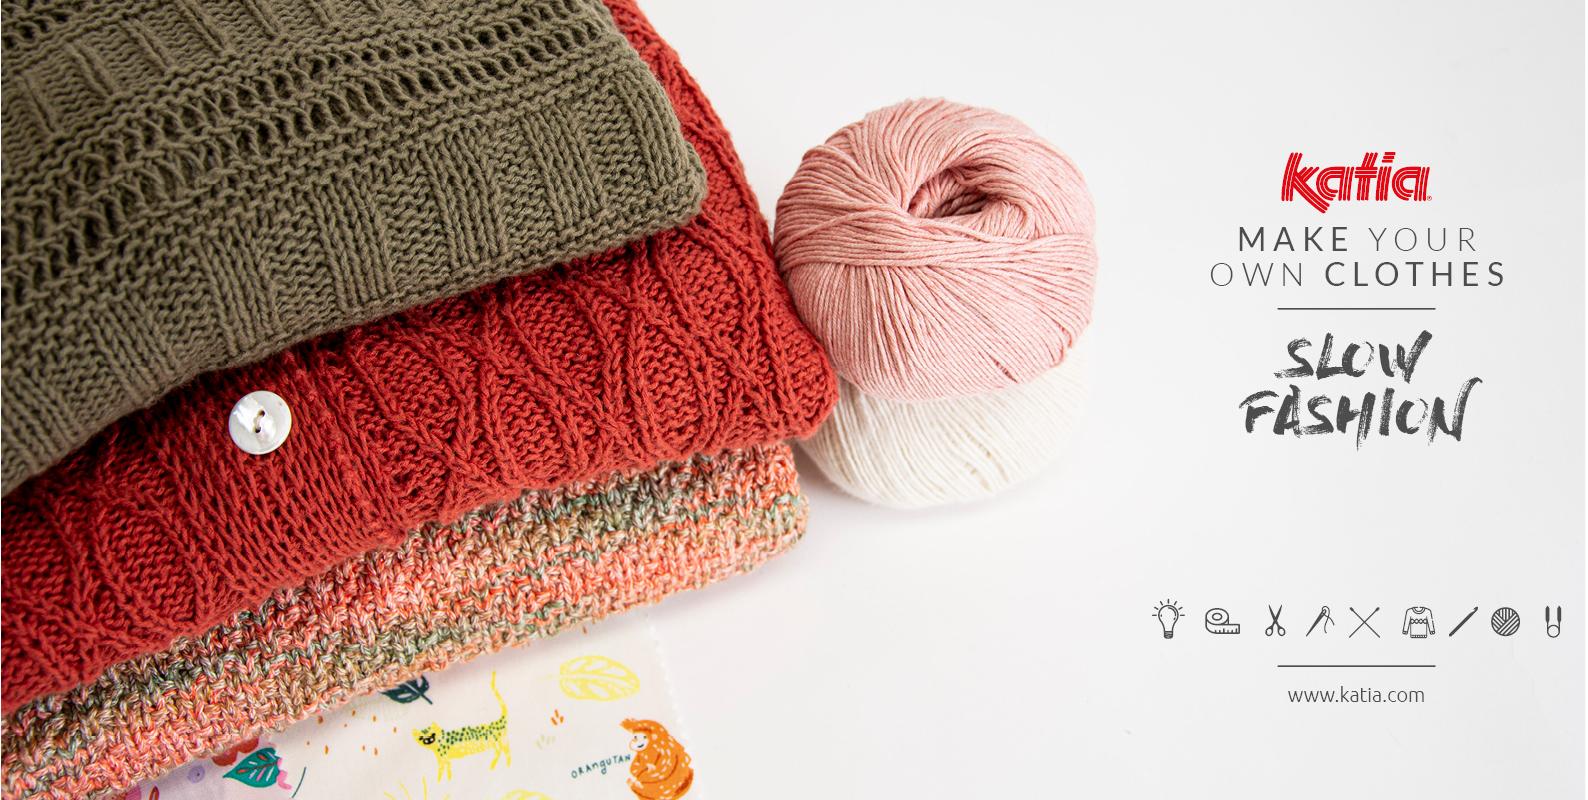 moda sostenible hecha a mano